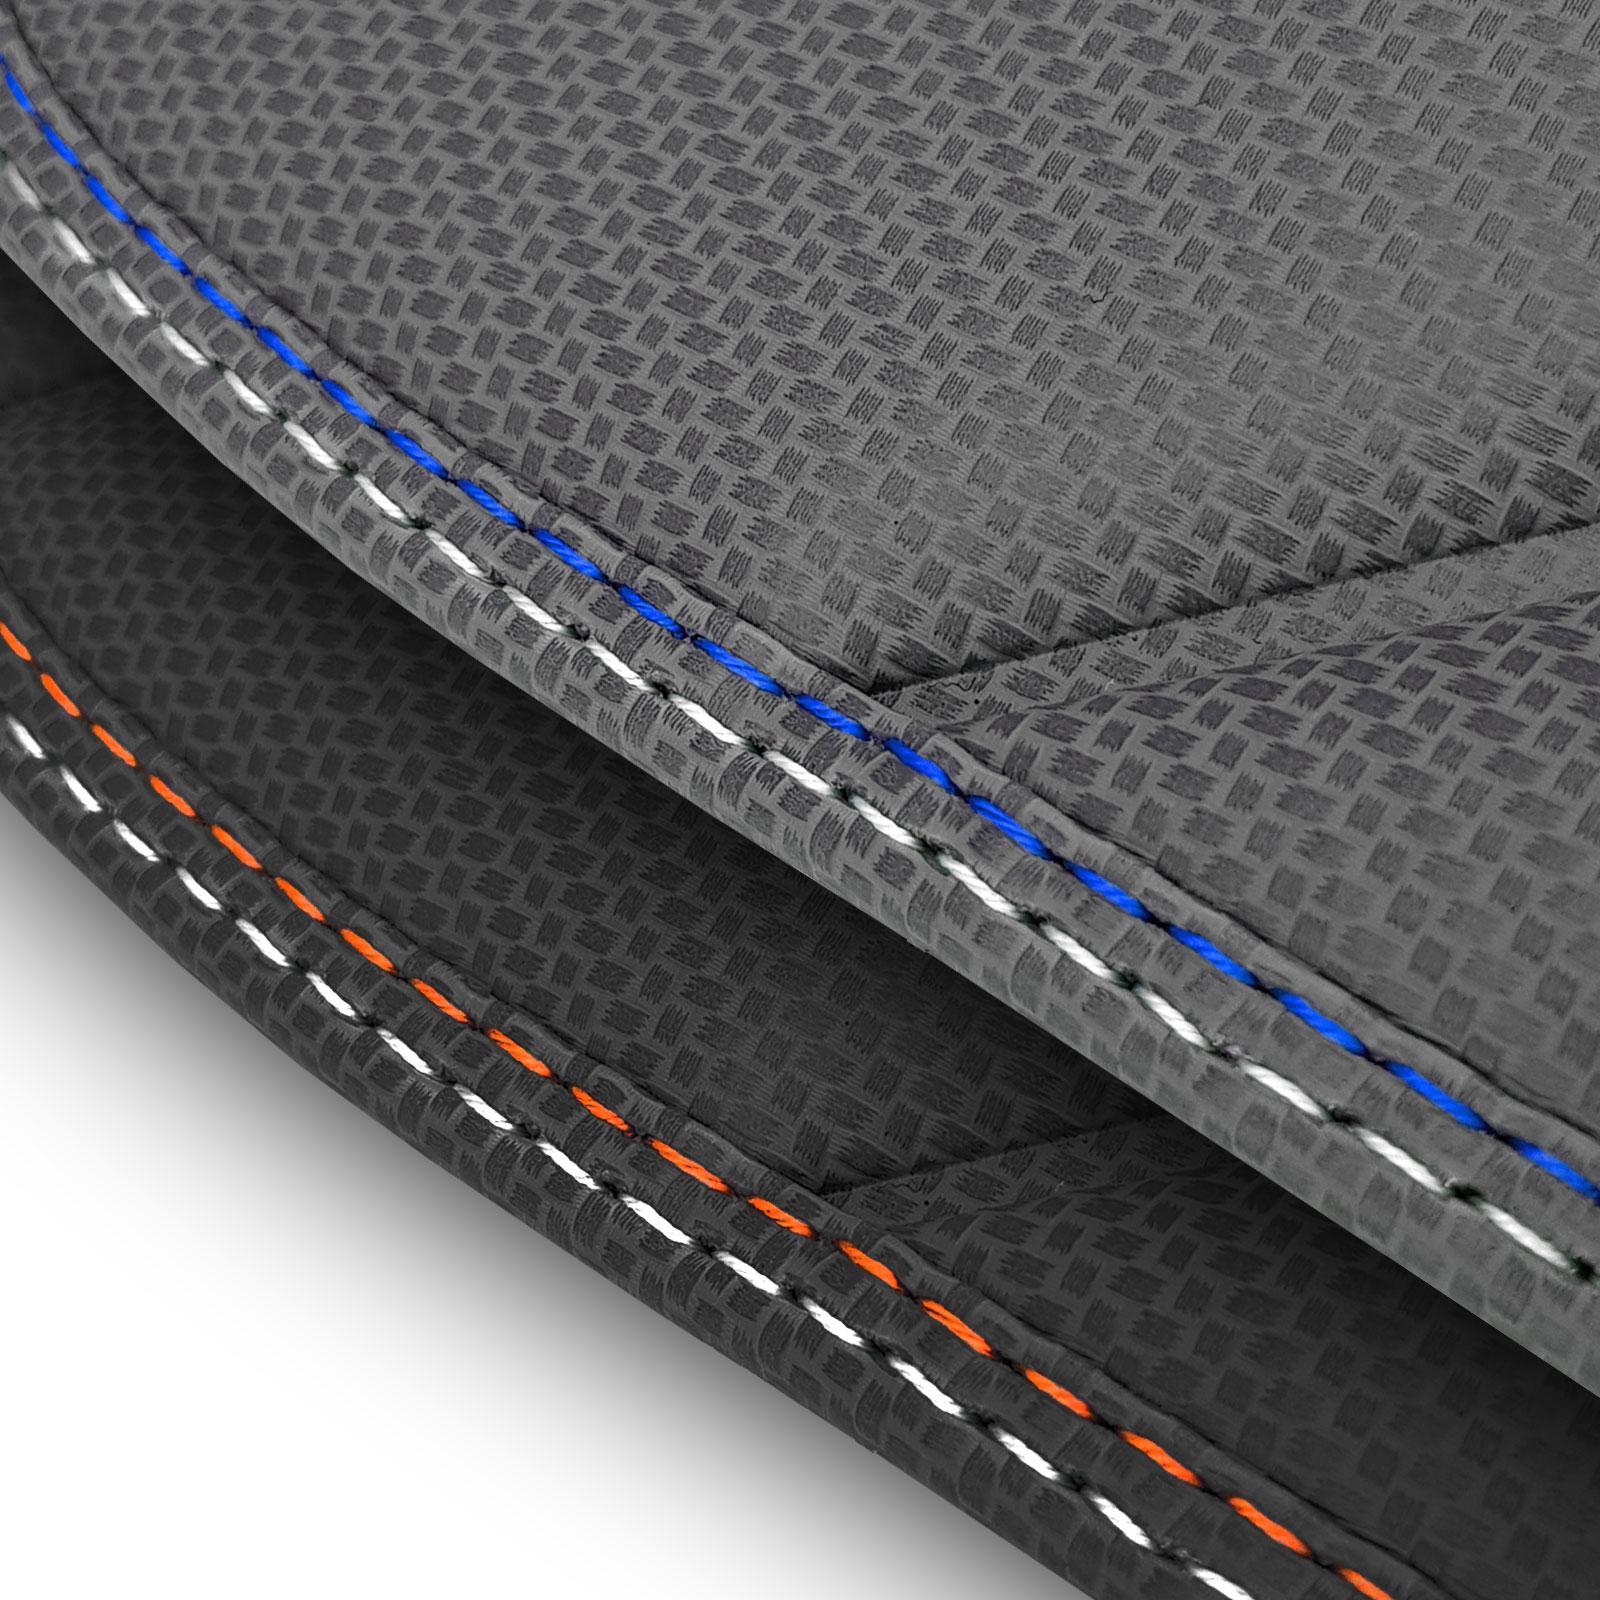 VOLKSWAGEN-t-Roc-Car-Mats-2017-de-carbono-a-medida-RHD miniatura 6